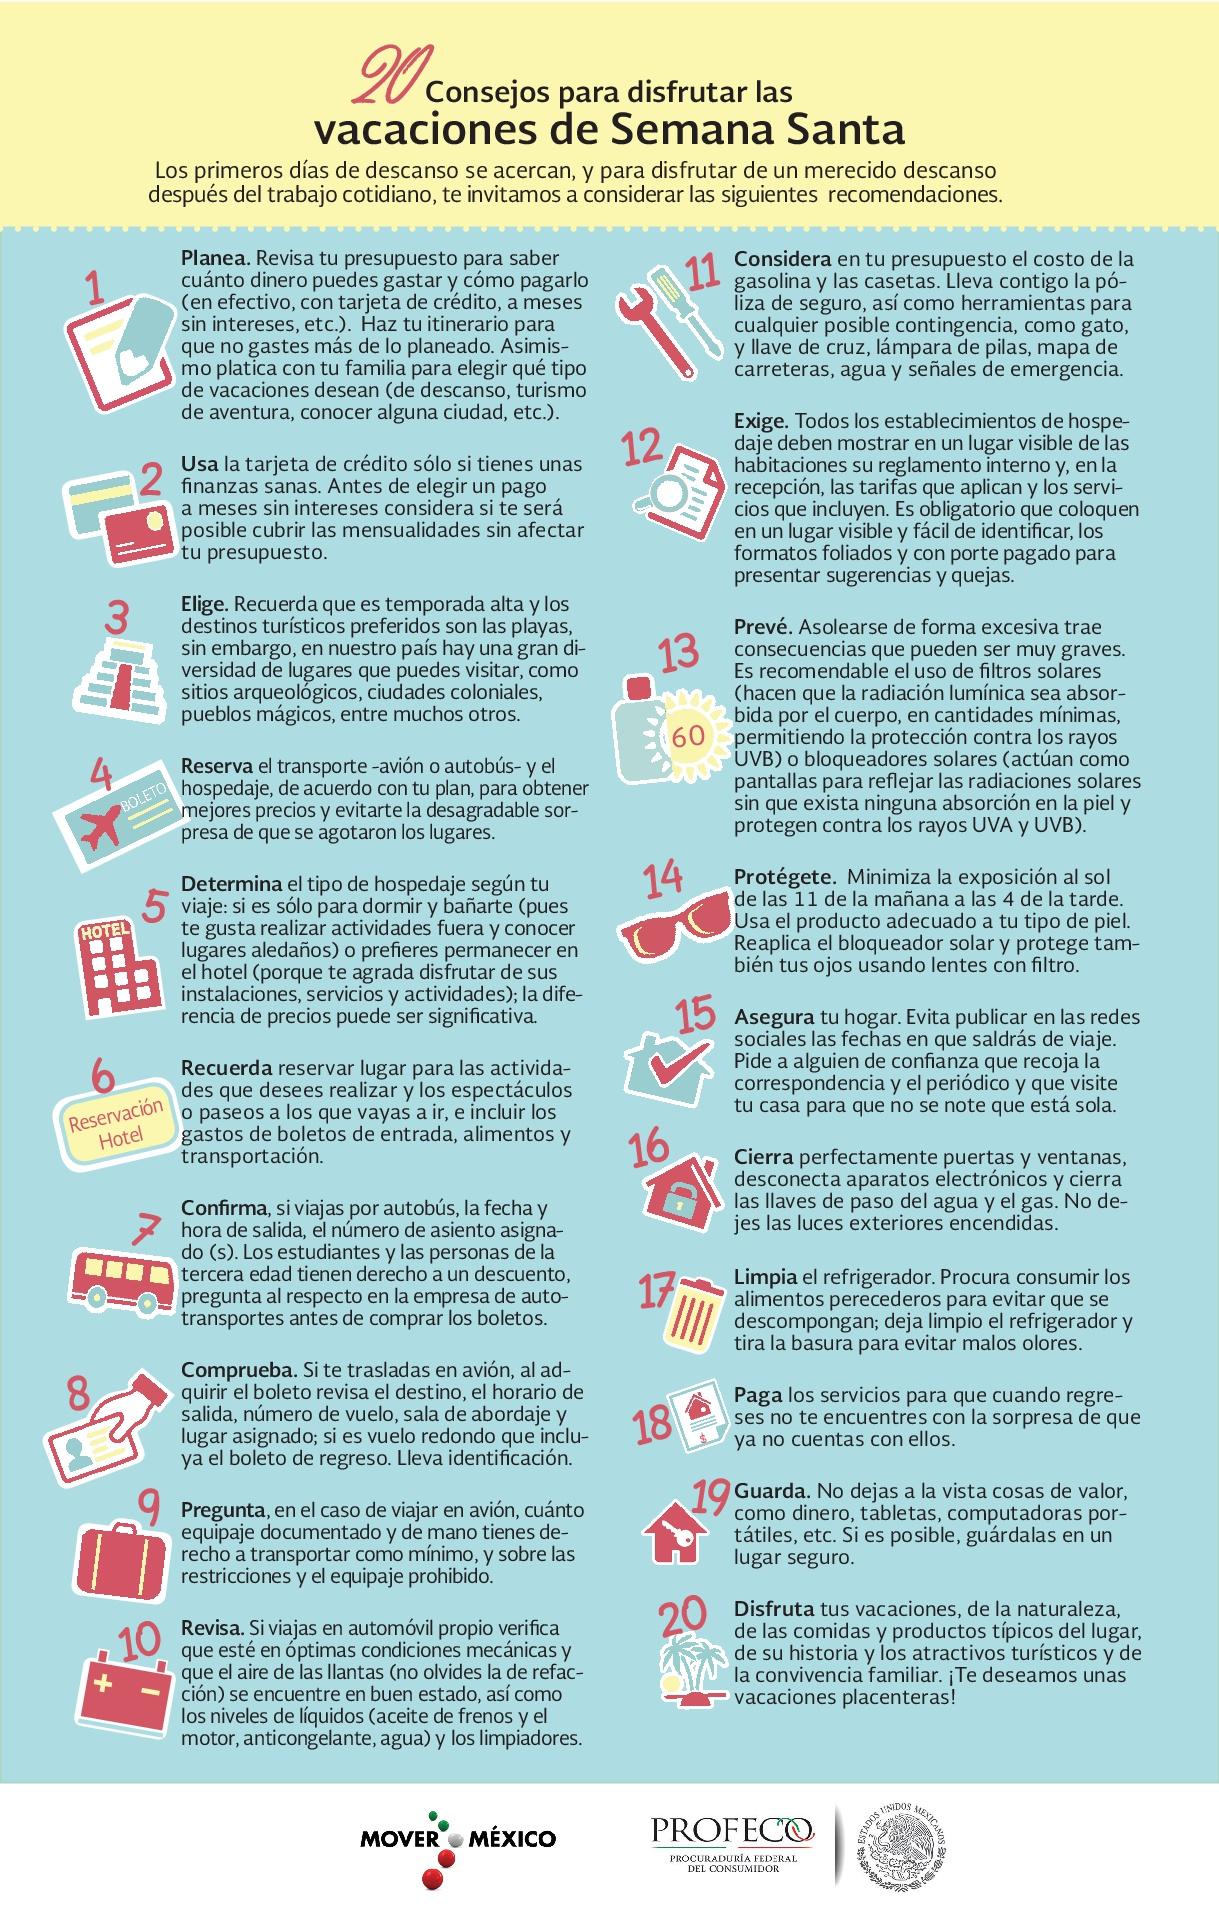 20 Consejos vacaciones de Semana Santa 001jpg